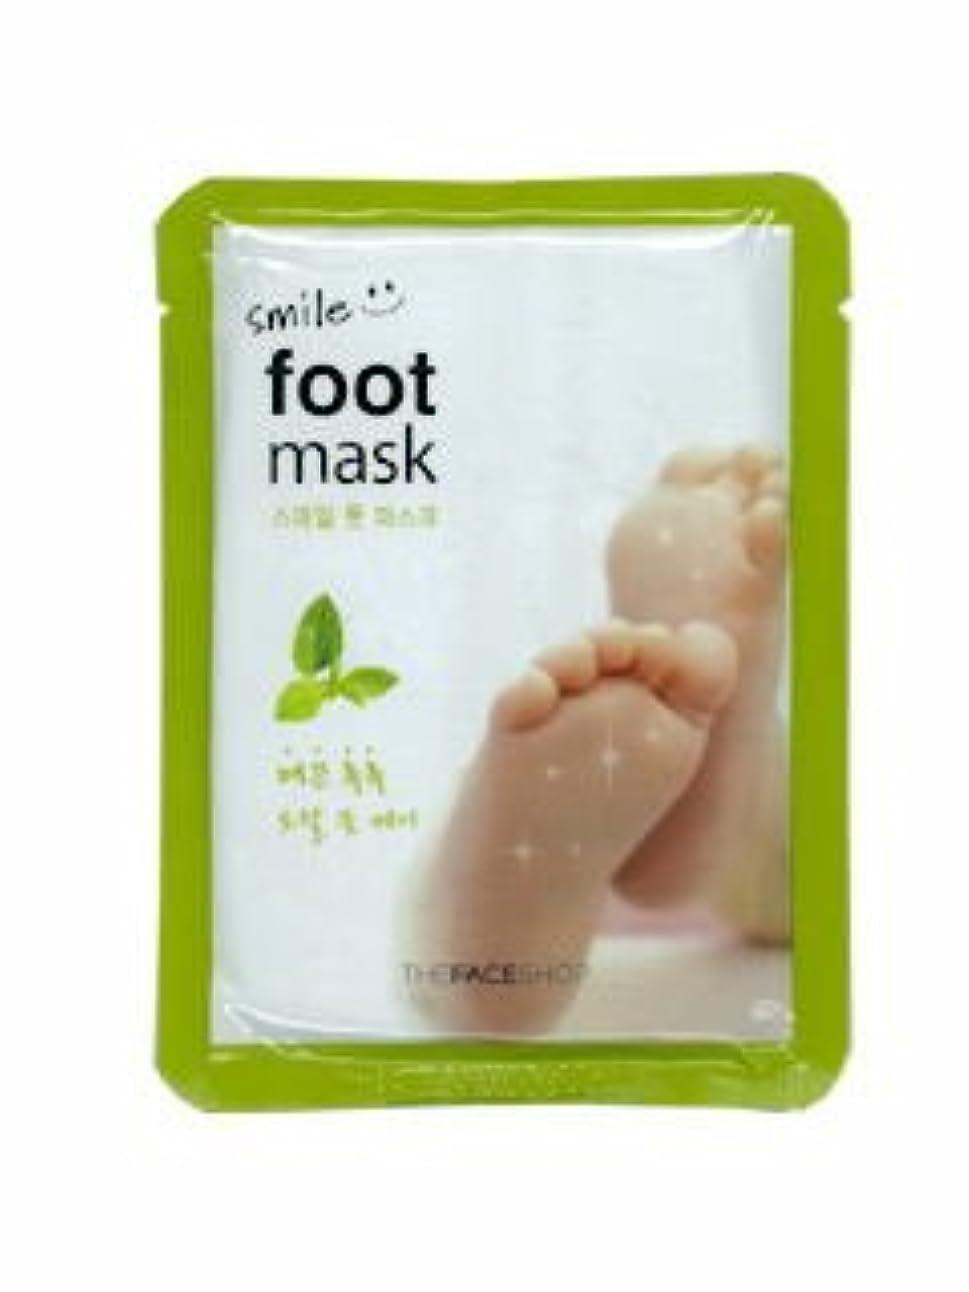 ジャニスビート注釈を付ける【THE FACE SHOP ( ザフェイスショップ )】 SMILE FOOT MASK スマイル フット マスク